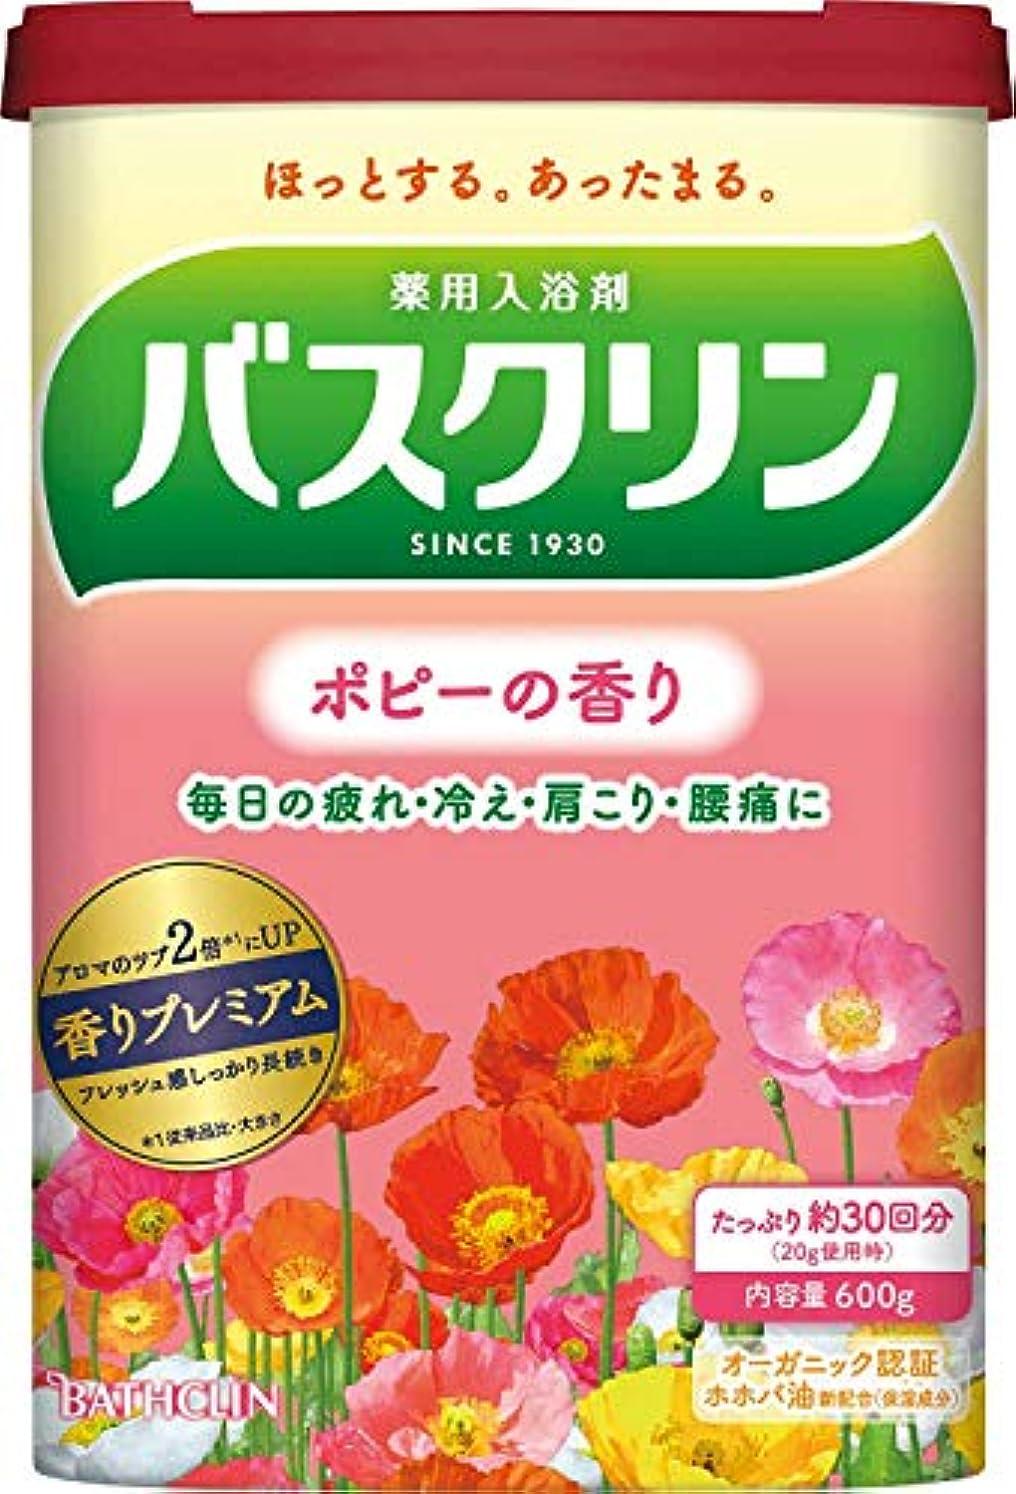 臨検細心の甘美な【医薬部外品】バスクリン入浴剤 ポピーの香り600g(約30回分) 疲労回復